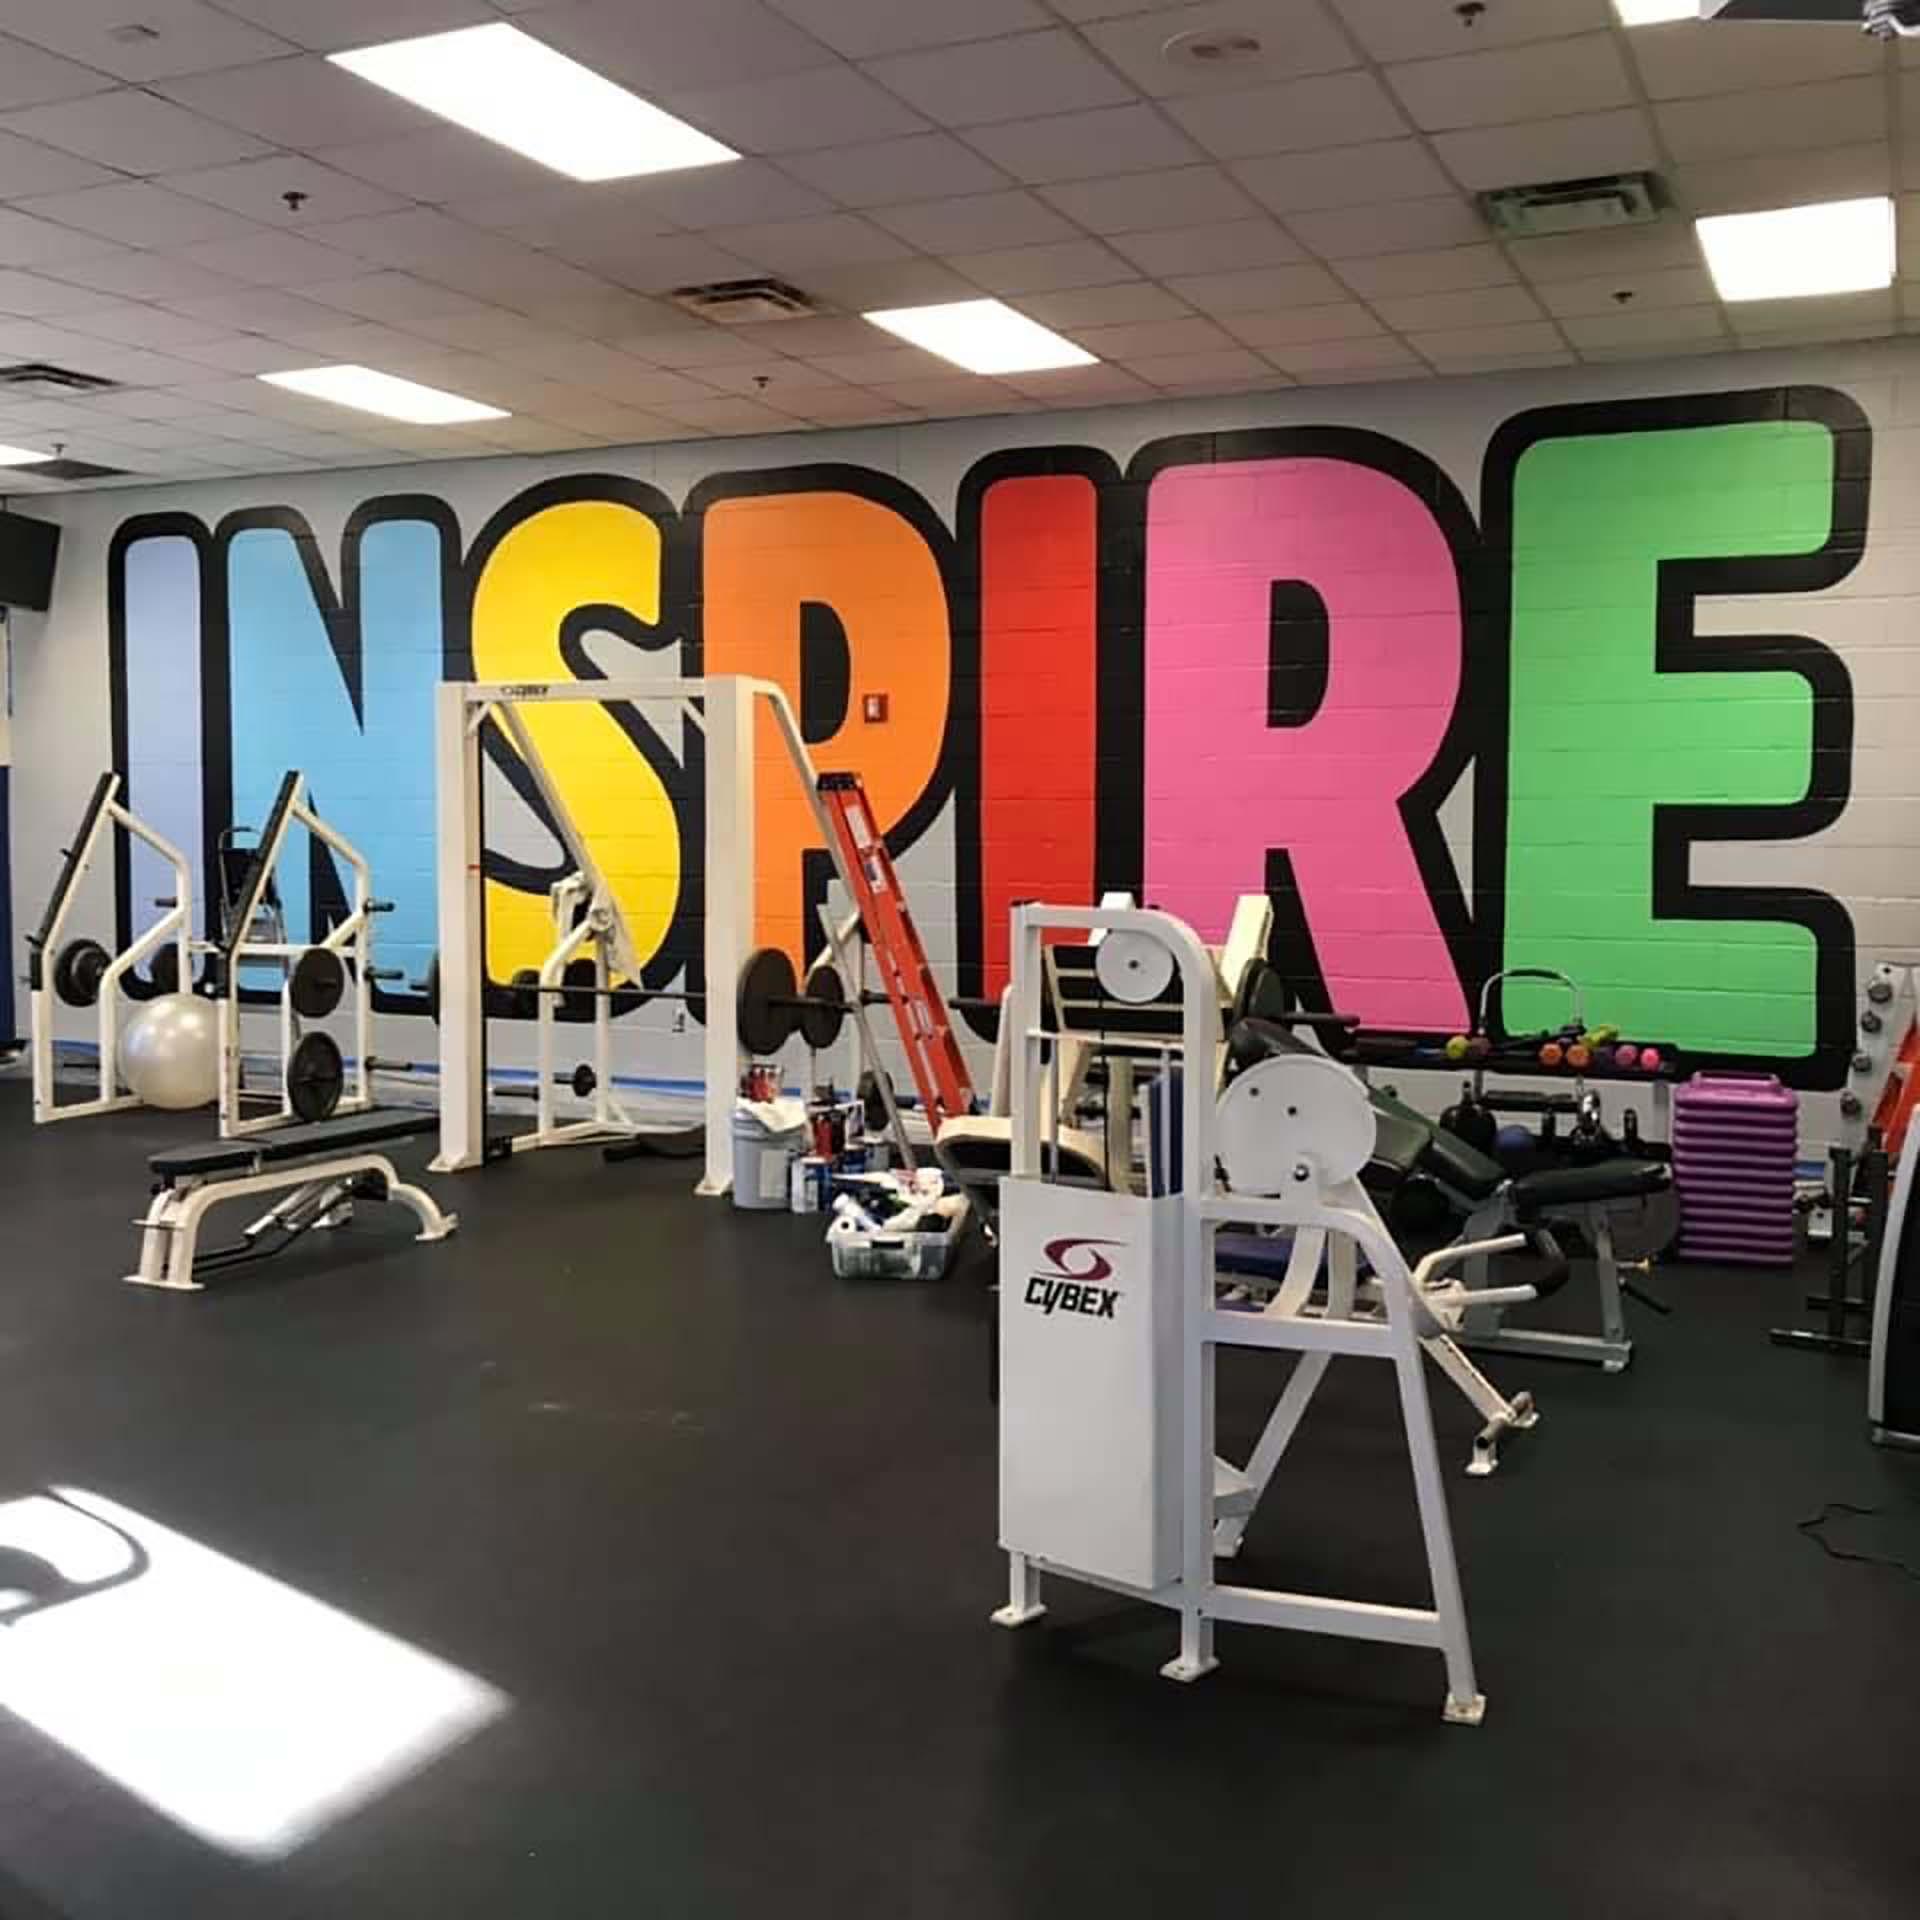 gym mural - sign mural - hand lettering - custom mural - mural - Dace Kidd - Mural Artist Tx